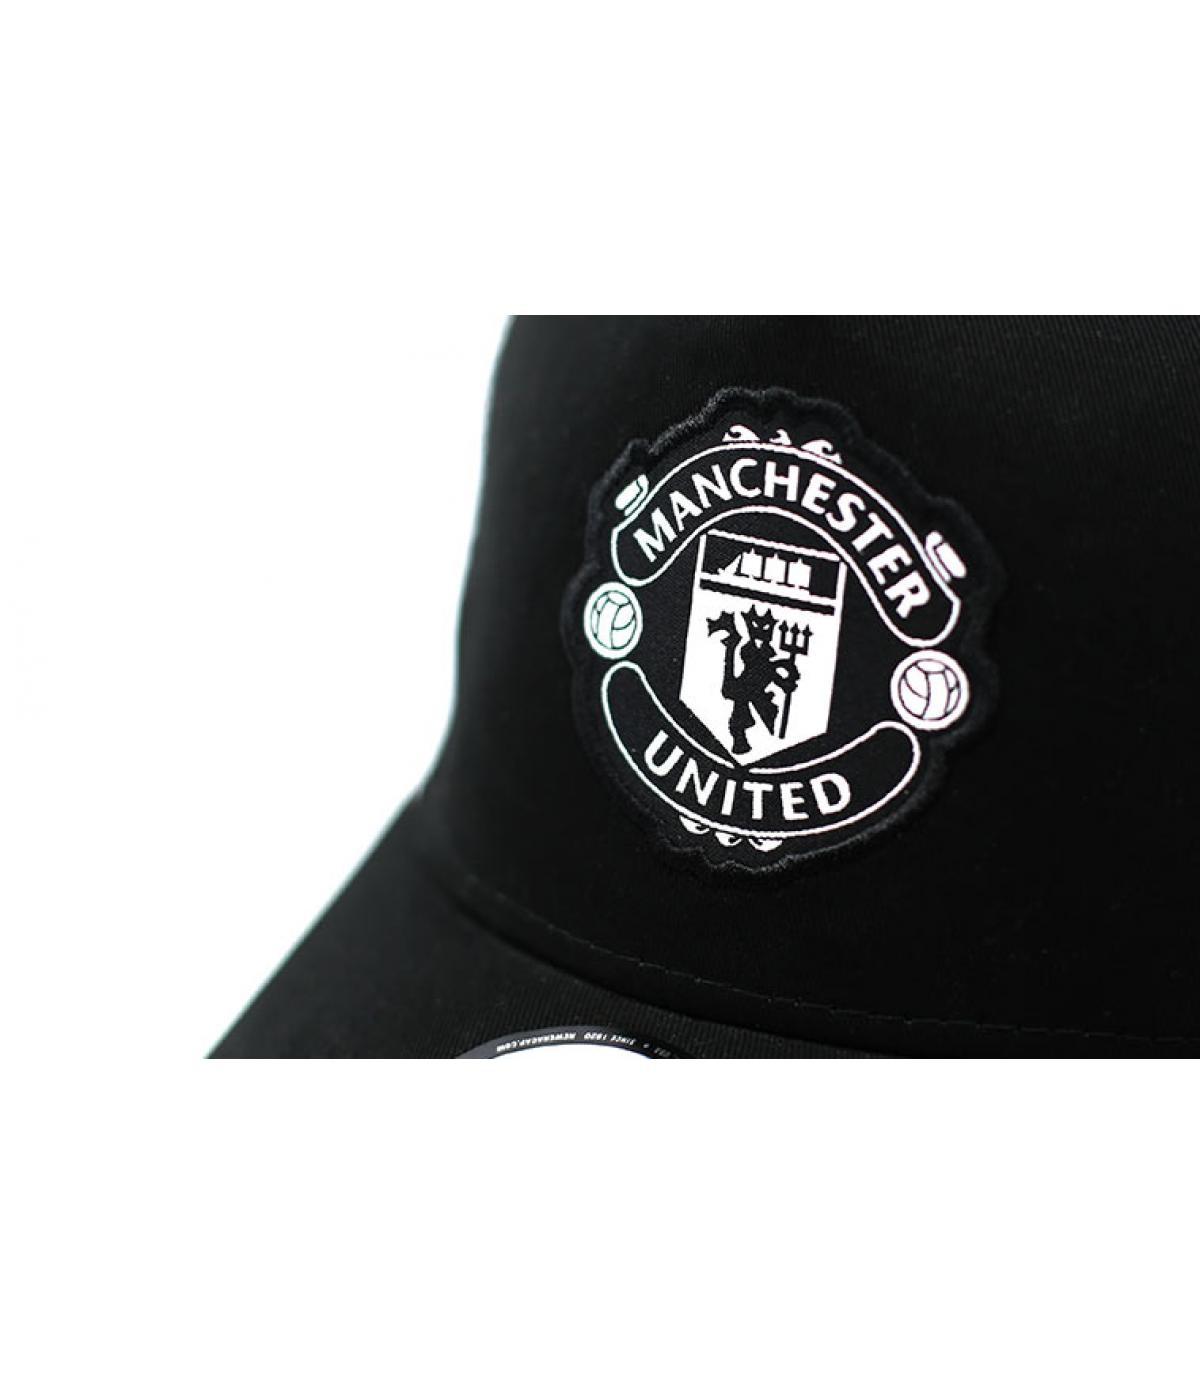 Details Trucker Manchester United black - afbeeling 3